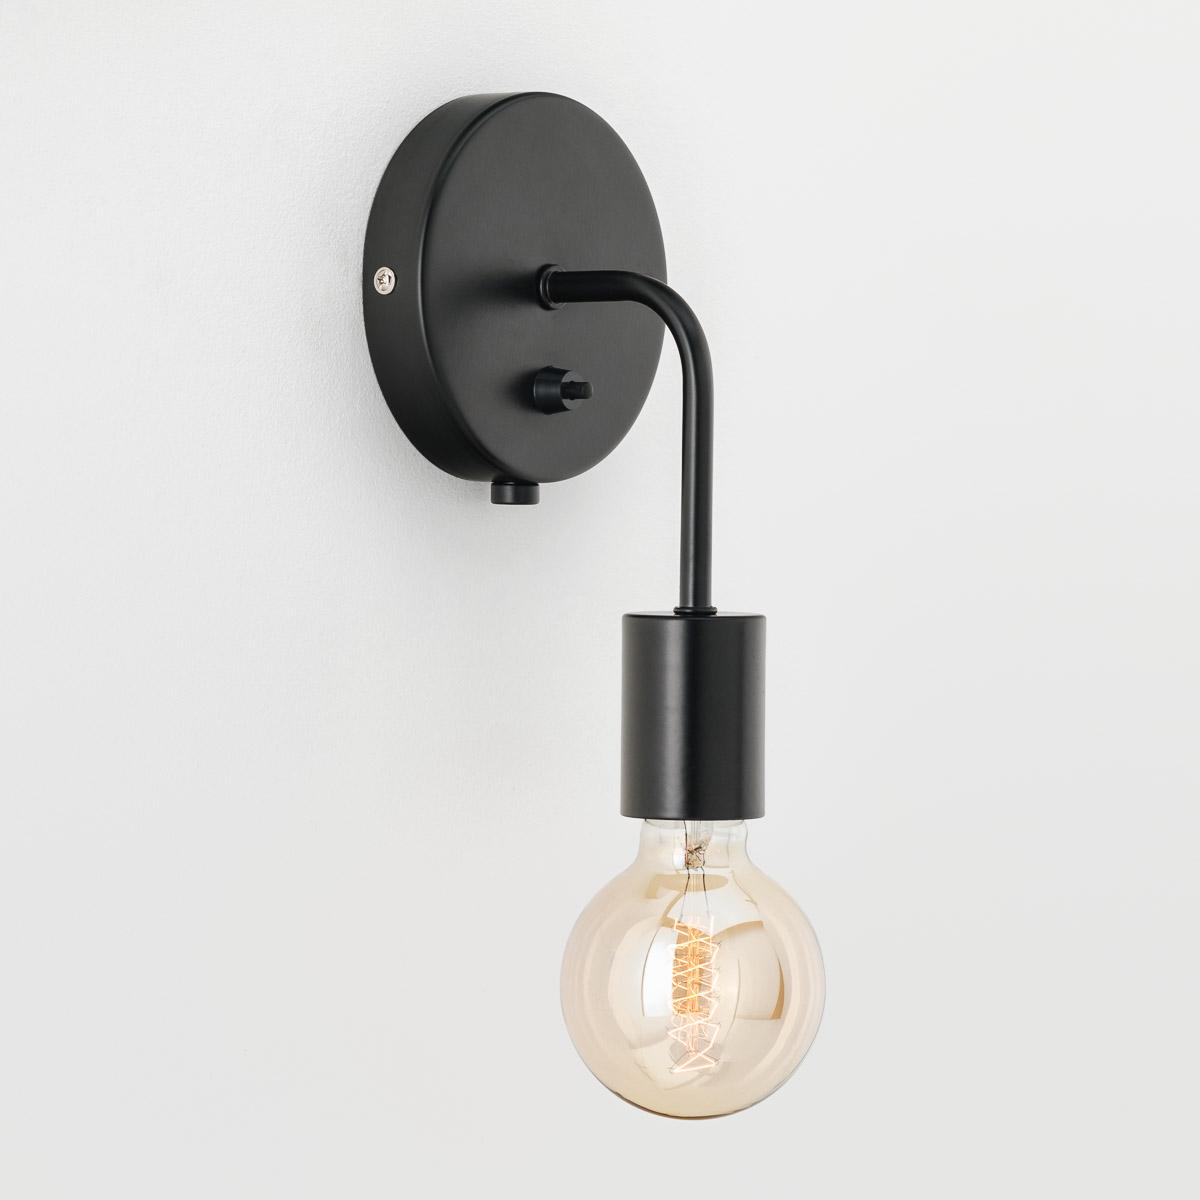 Настенный светильник Loui черный